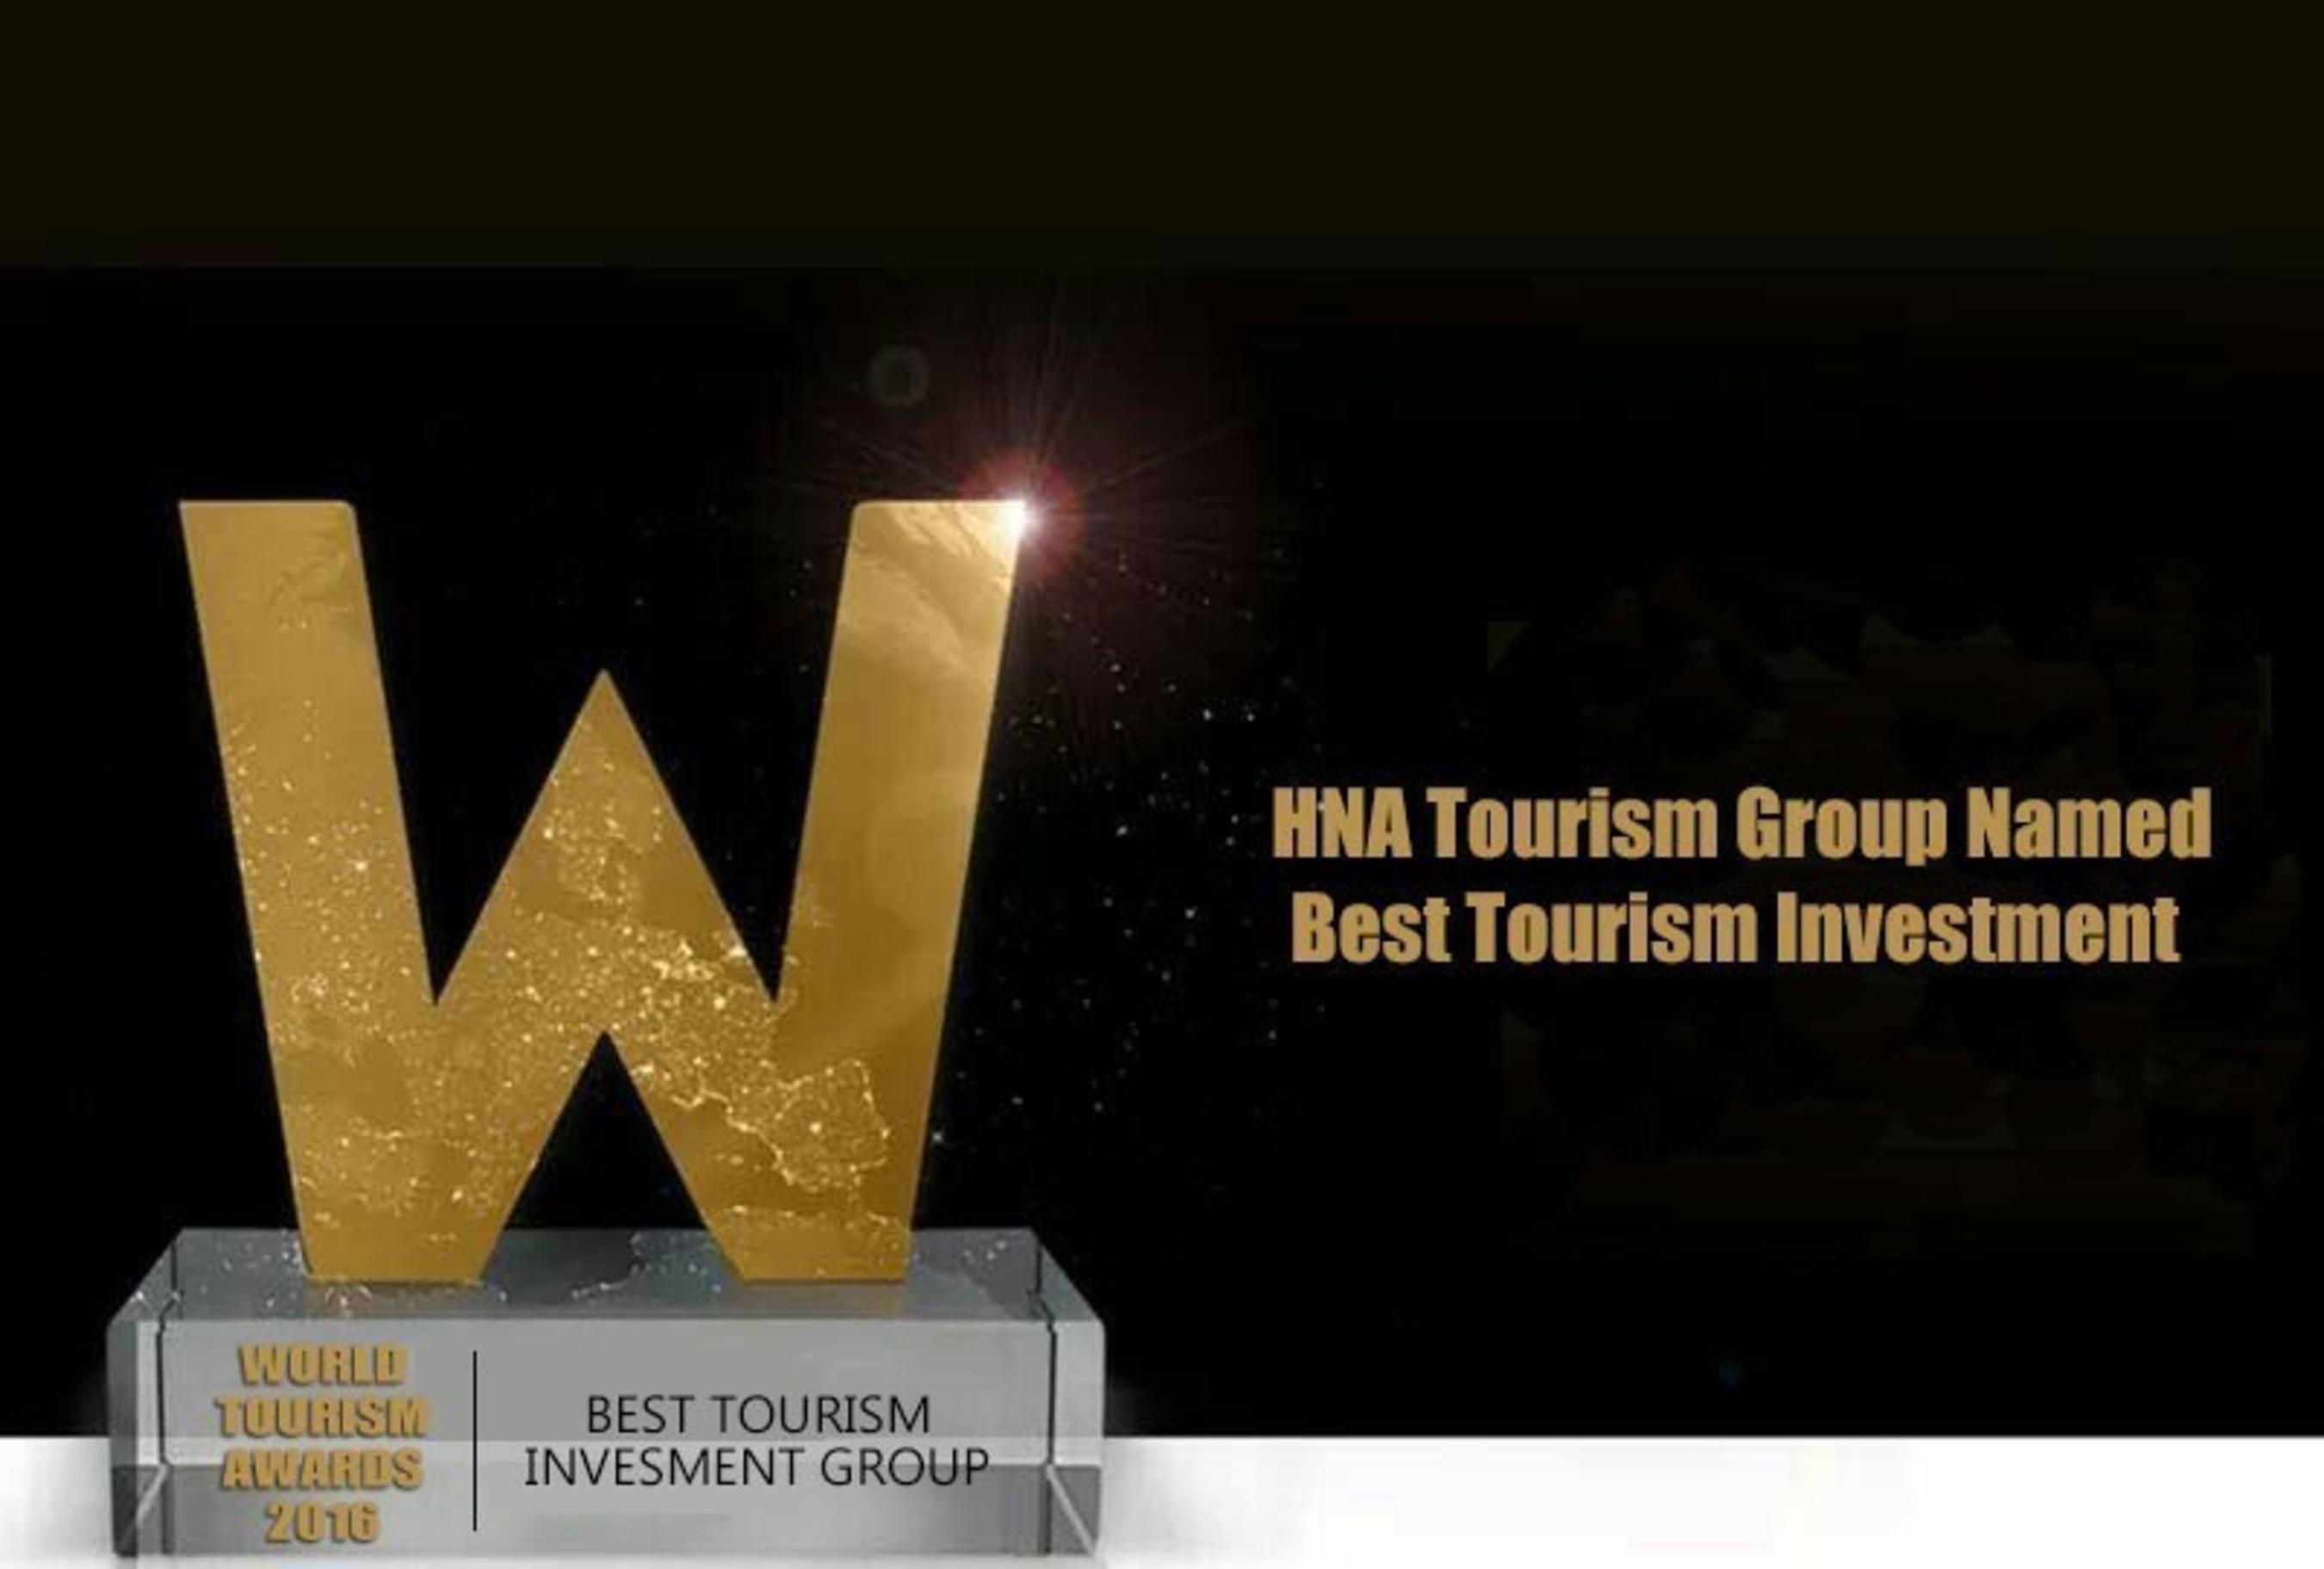 HNA Tourism est nommé meilleur groupe d'investissements dans le secteur touristique sur le Forum